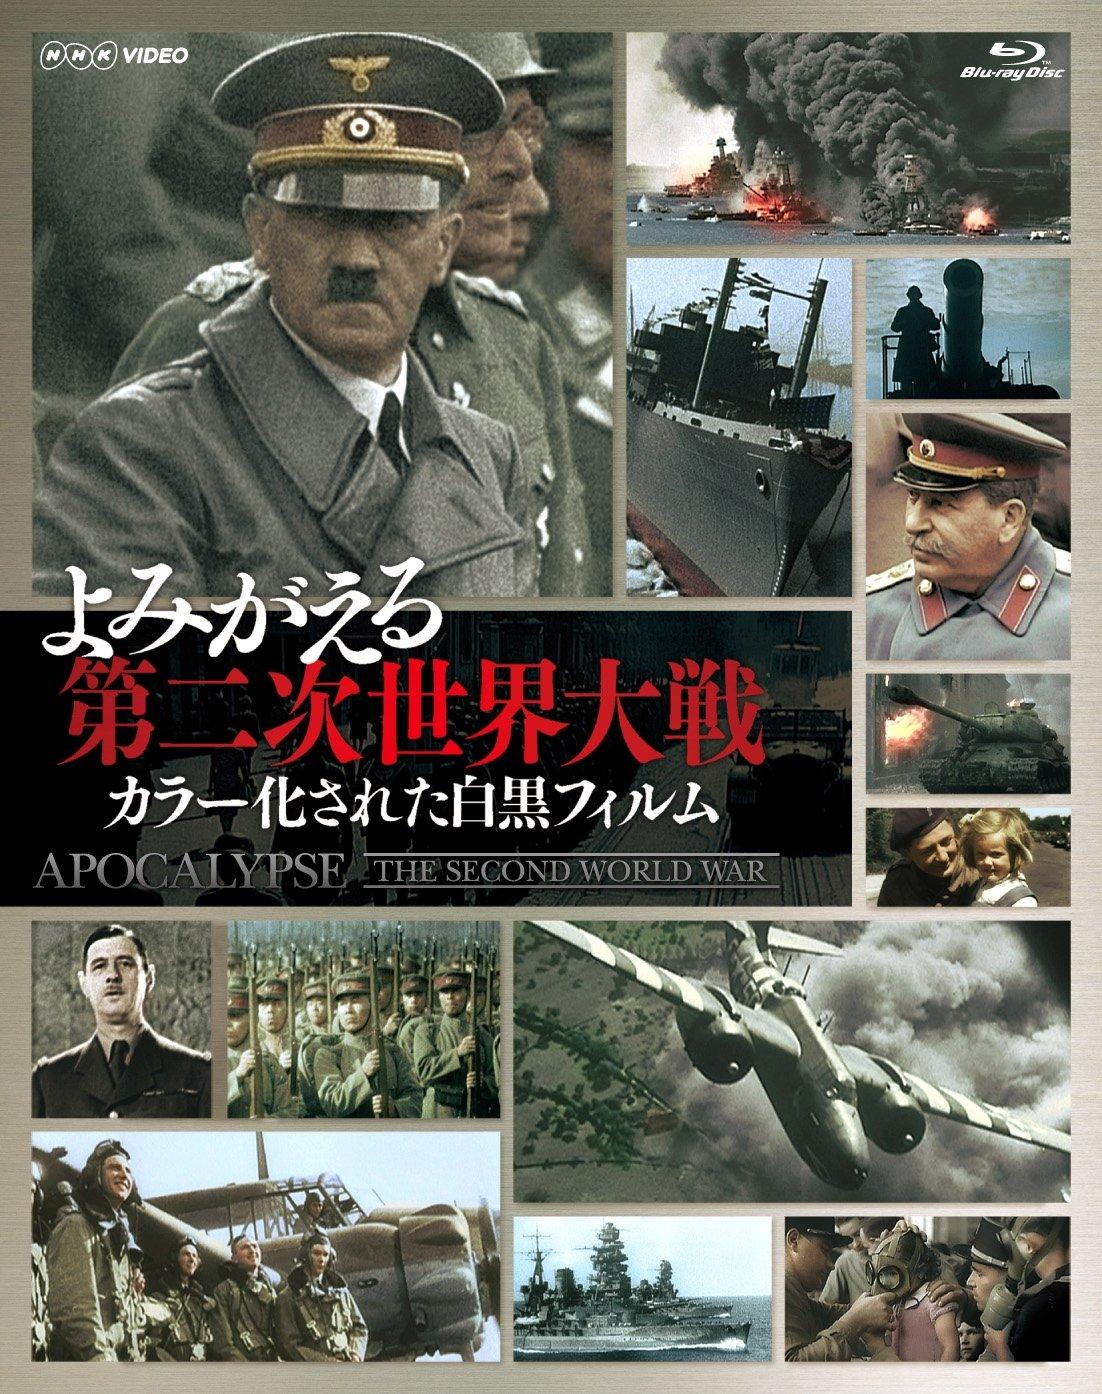 Amazon Co Jp よみがえる第二次世界大戦 カラー化された白黒フィルム